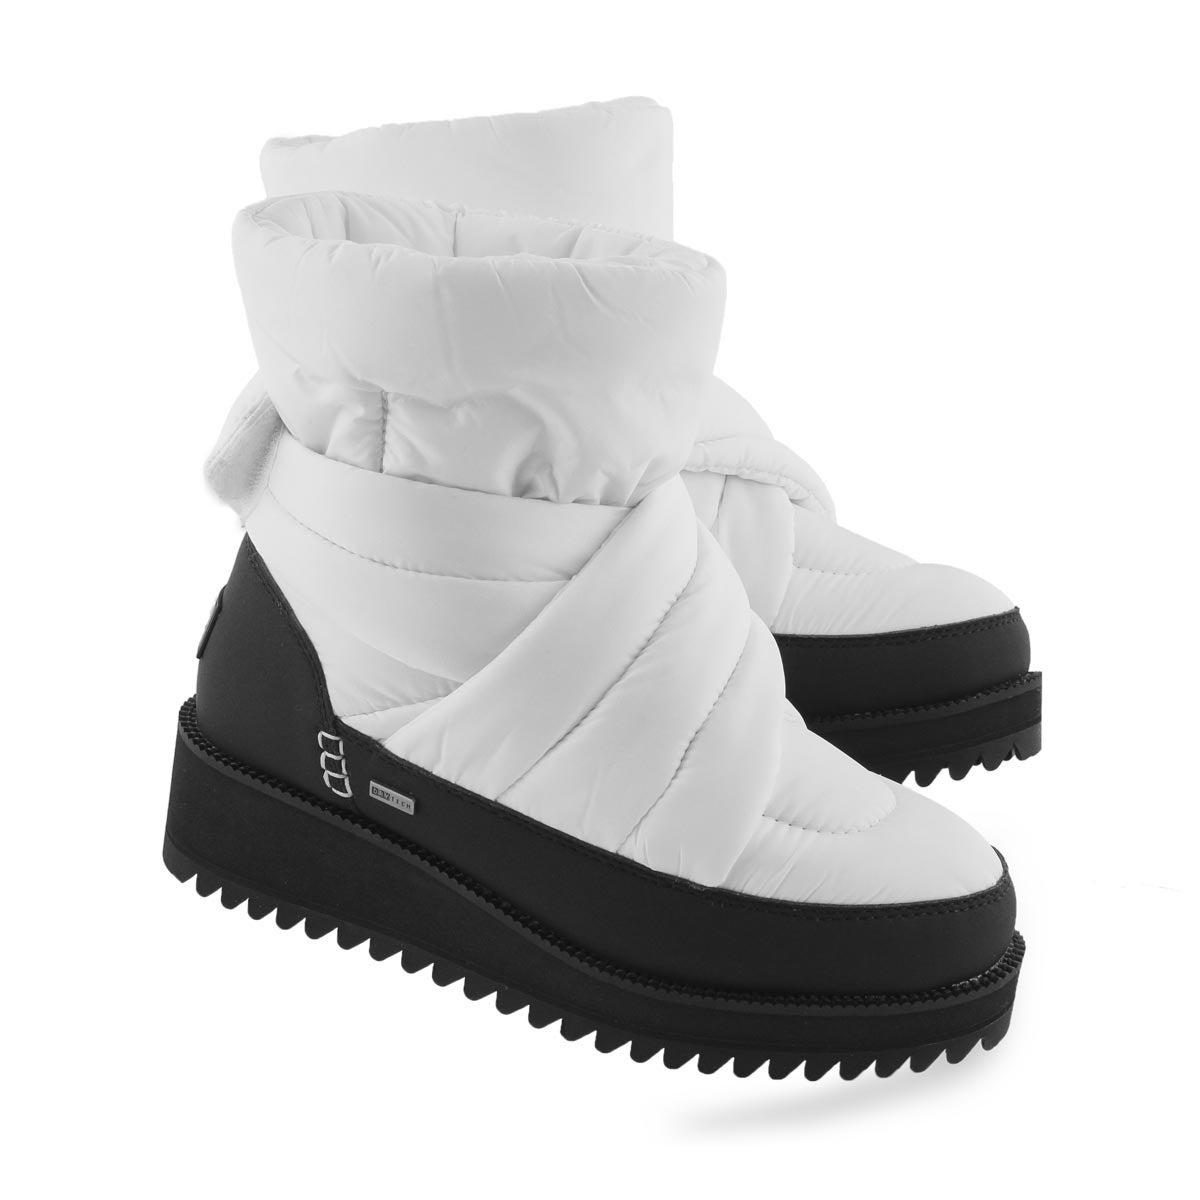 Lds Montara white slip on winter boot